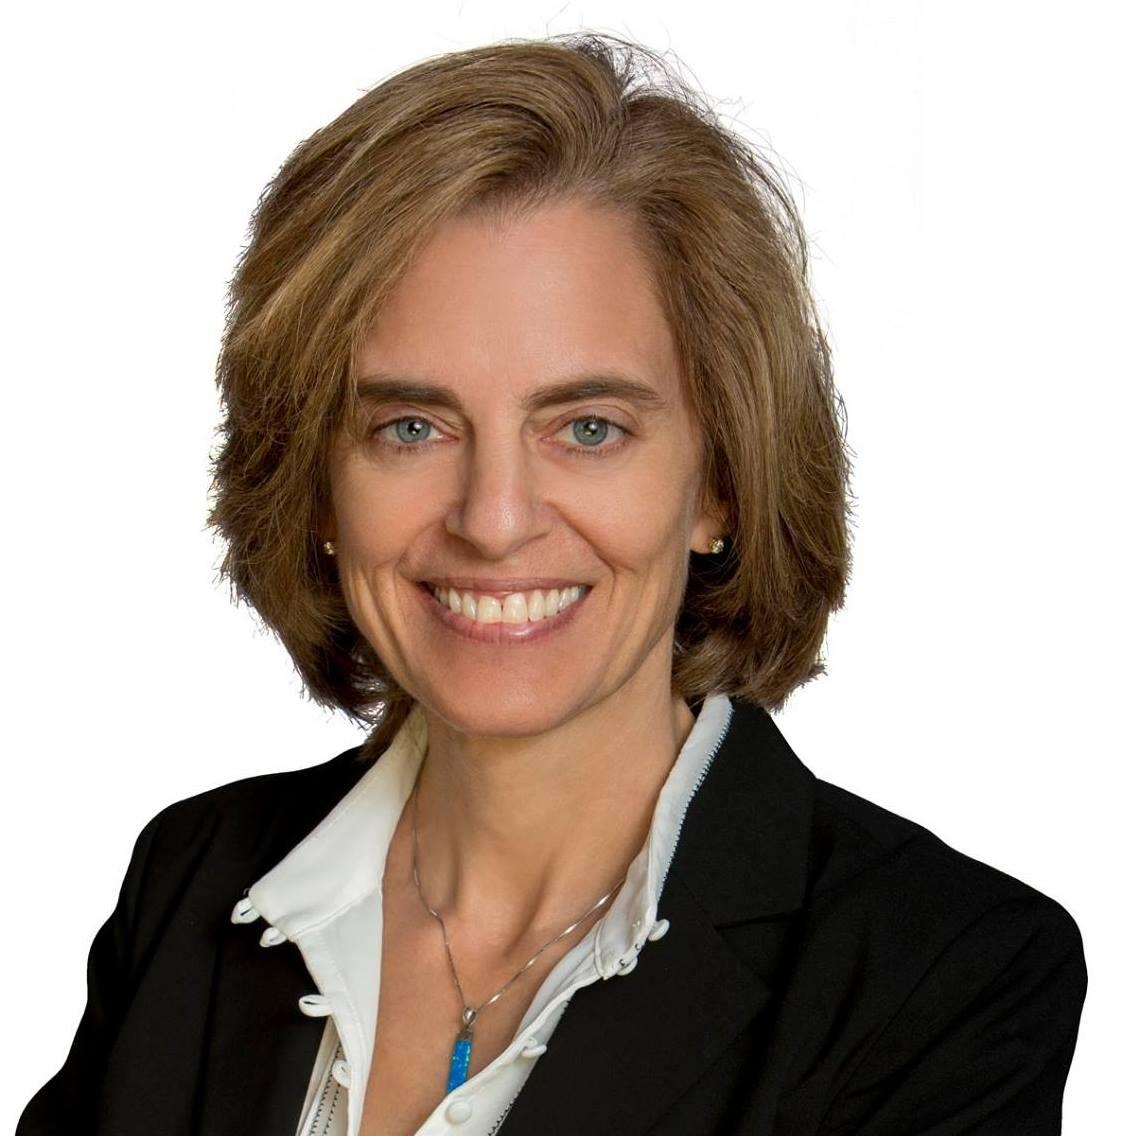 Nancy Meister